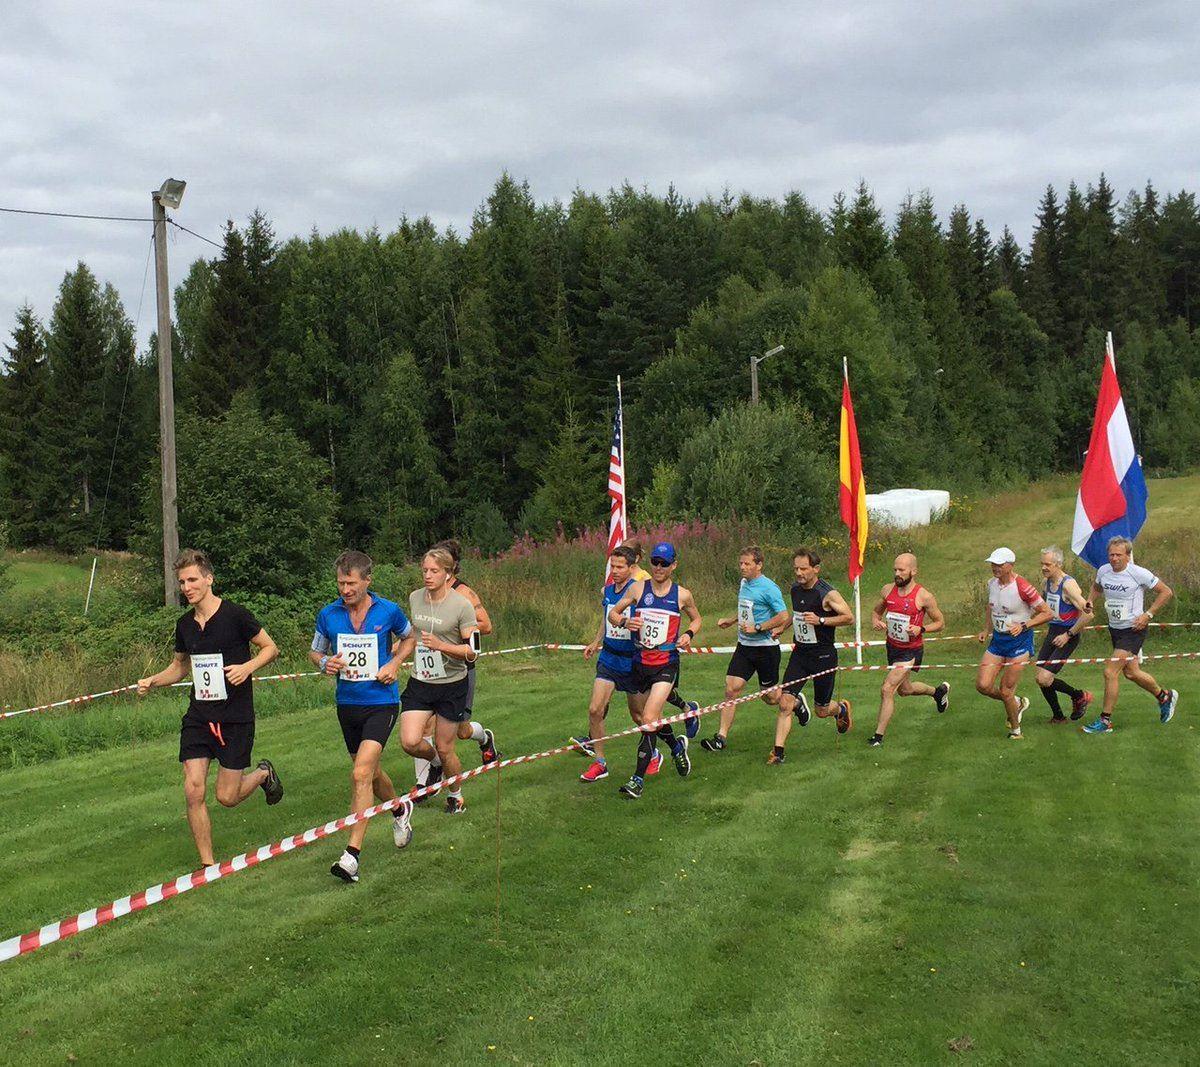 Alles over de Kongsvinger Maraton en hoe jij er aan mee kunt doen